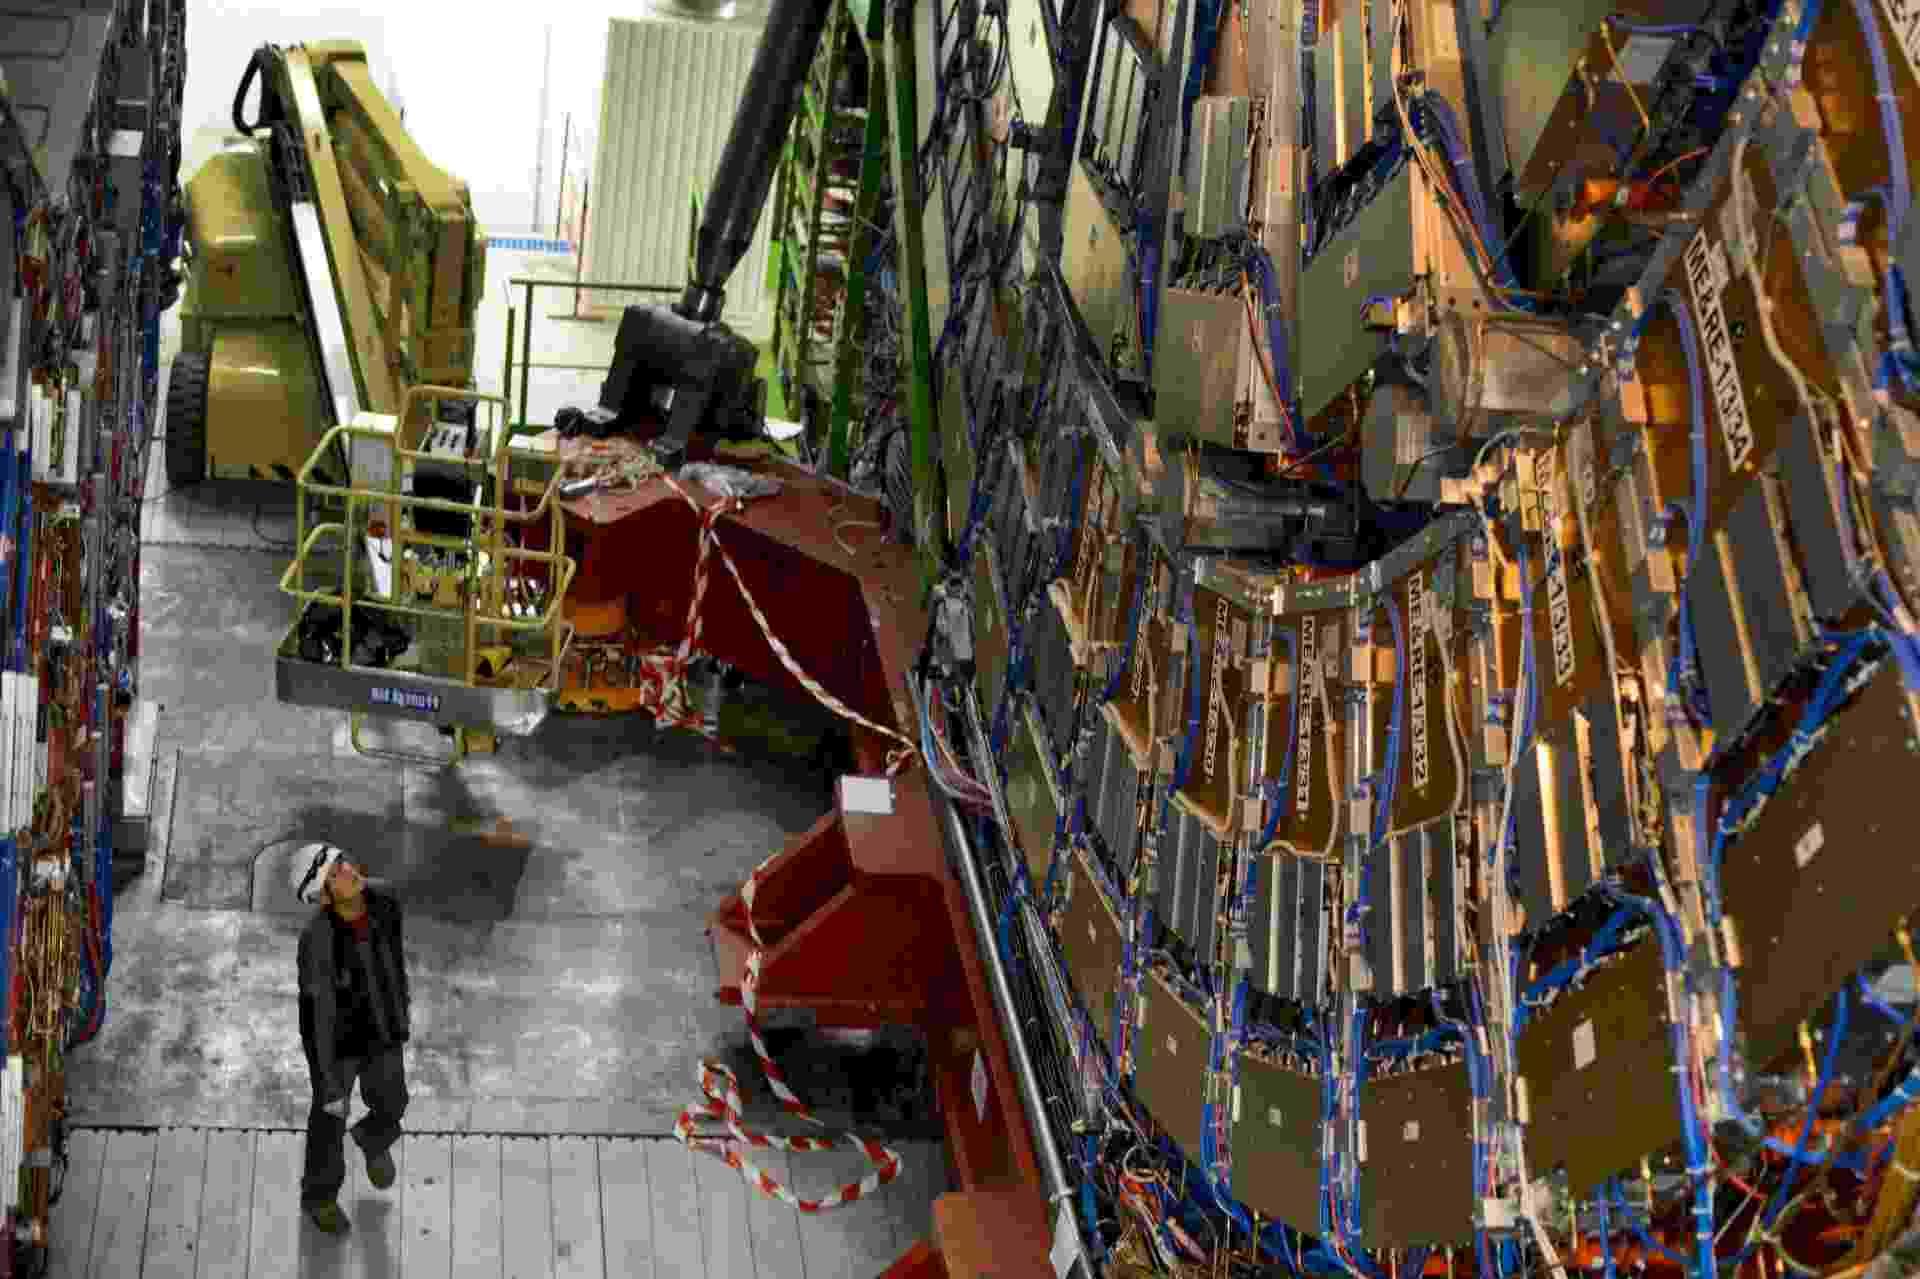 """19.jul.2013 - Homens trabalham na manutenção do Solenoide de Múon Compacto, um dos detectores de partículas do Grande Colisor de Hádrons (LHC, na sigla em inglês), construído no túnel subterrâneo de 27 quilômetros de circunferência do Centro Europeu de Física de Partículas (CERN, na sigla em francês), na fronteira entre a Suíça e a França. O maior acelerador de partículas do mundo está, desde fevereiro de 2013, em manutenção e deverá ficar """"desligado"""" por dois anos - Fabrice Coffrini/AFP"""